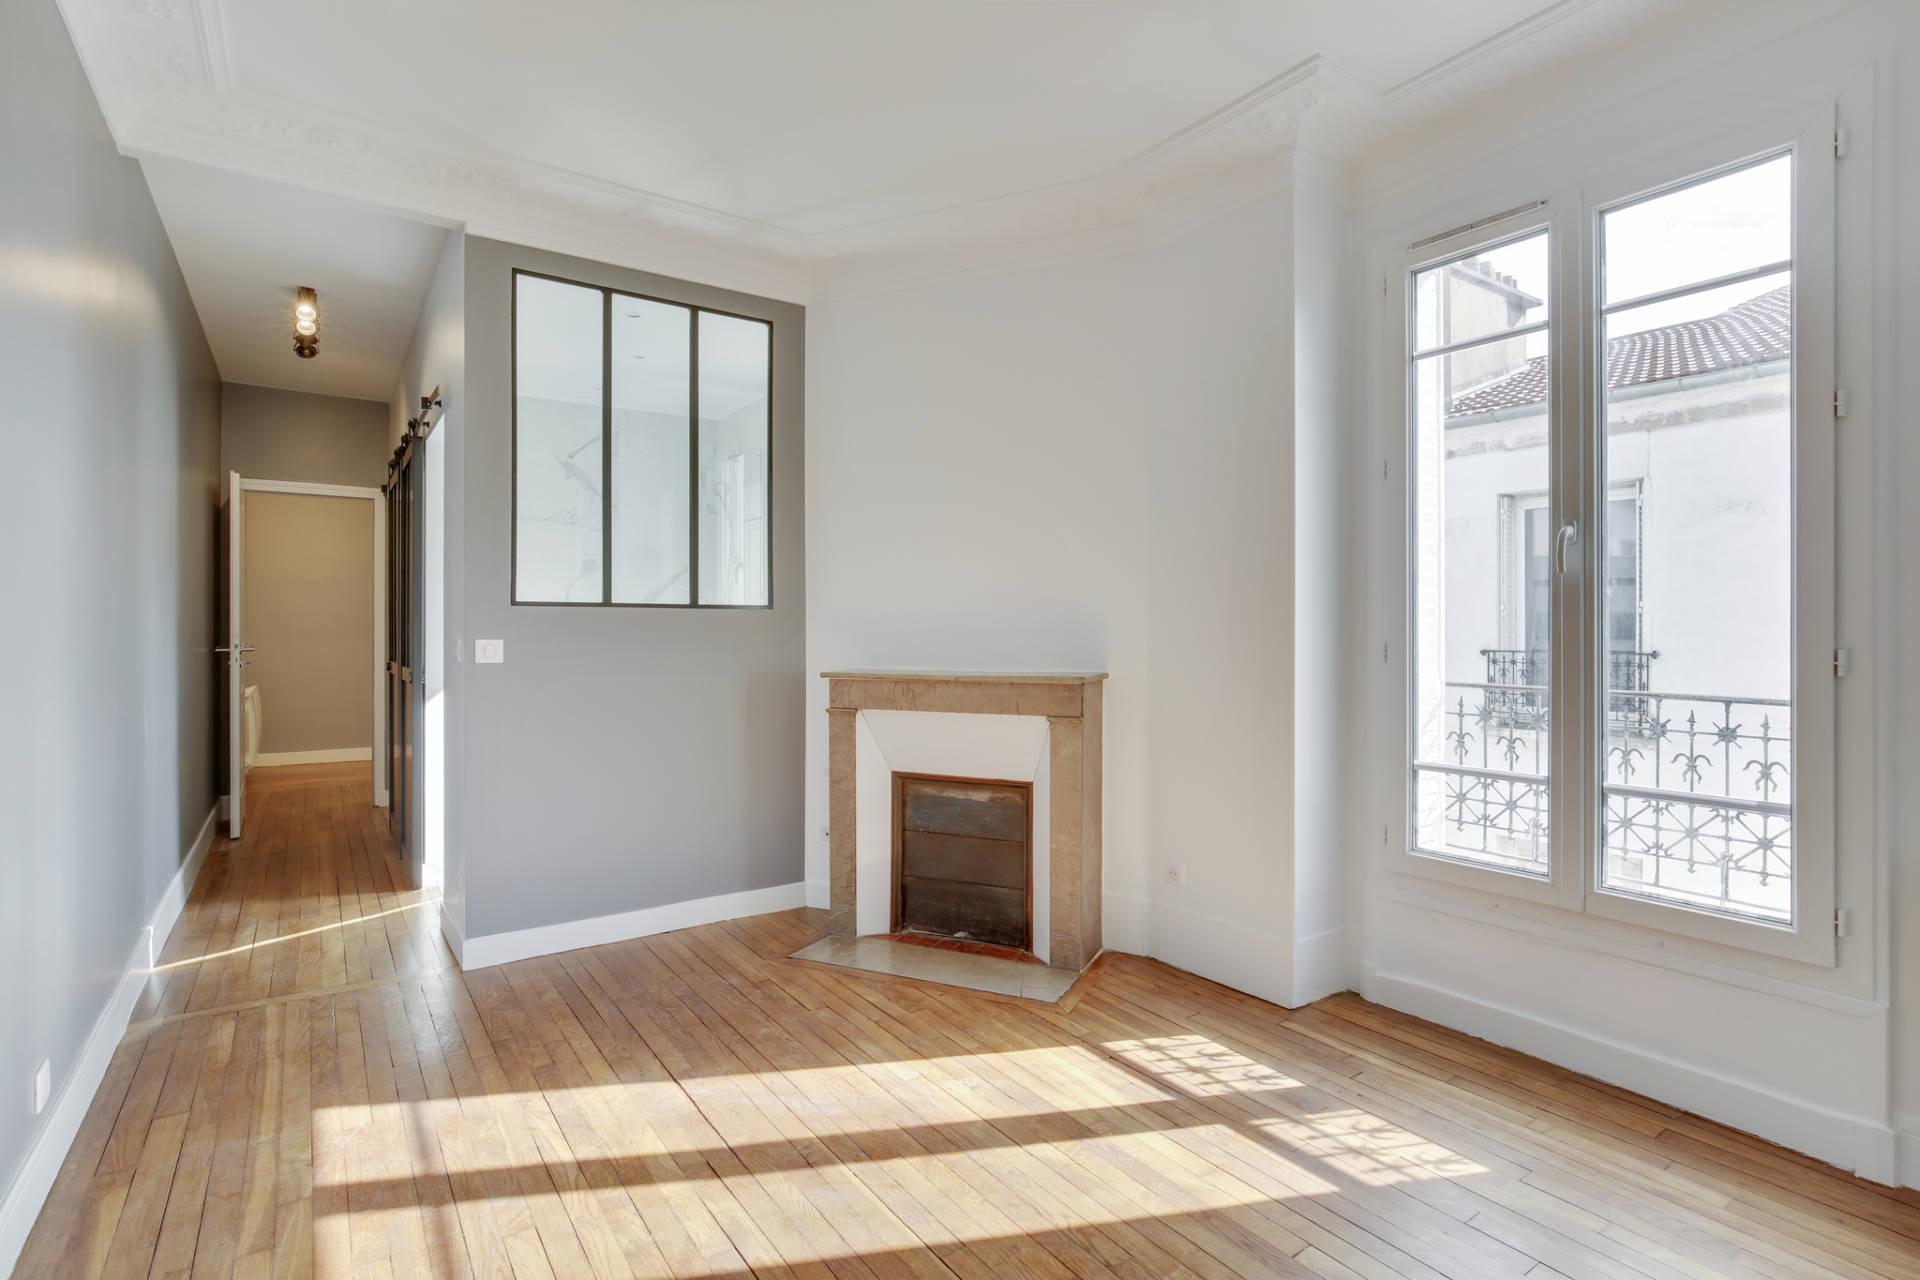 Rénovation appartement à Courbevoie - Le salon rénové, par Béatrice Elisabeth, Décoratrice UFDI à Neuilly et Paris